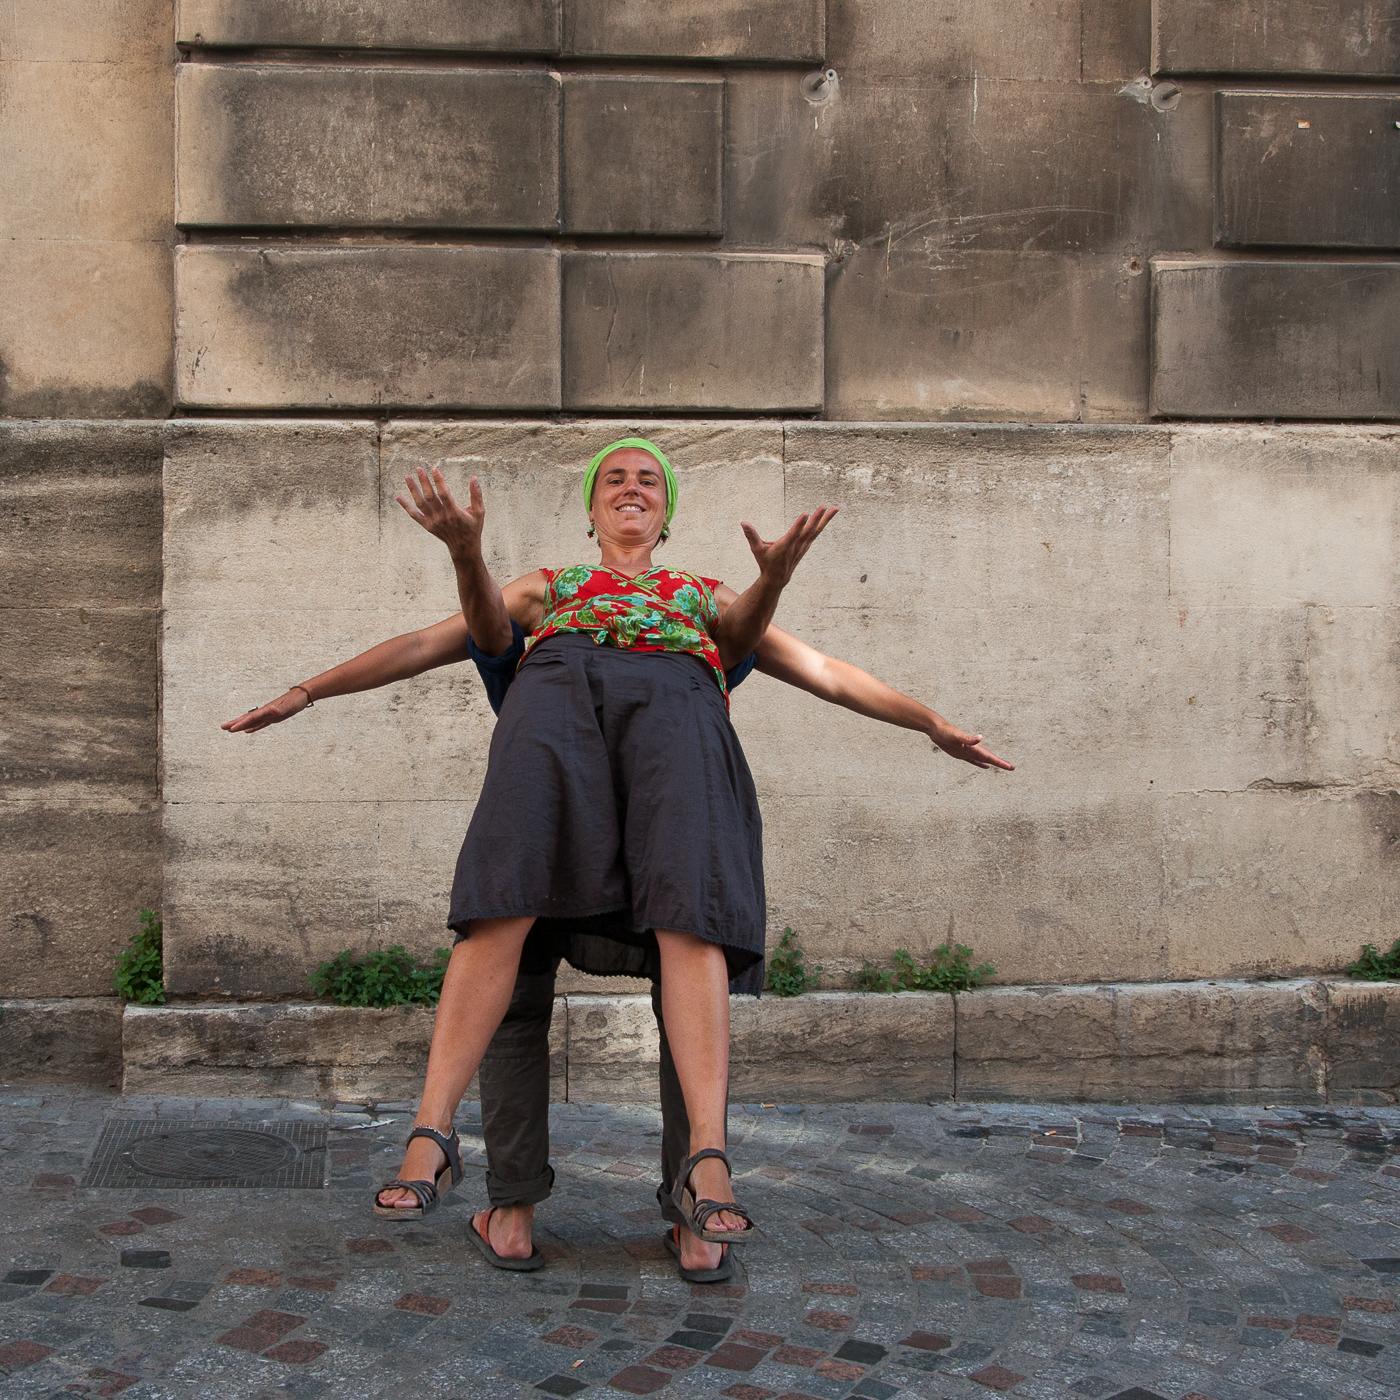 Arles_2015_-_La_géométrie_des_bras